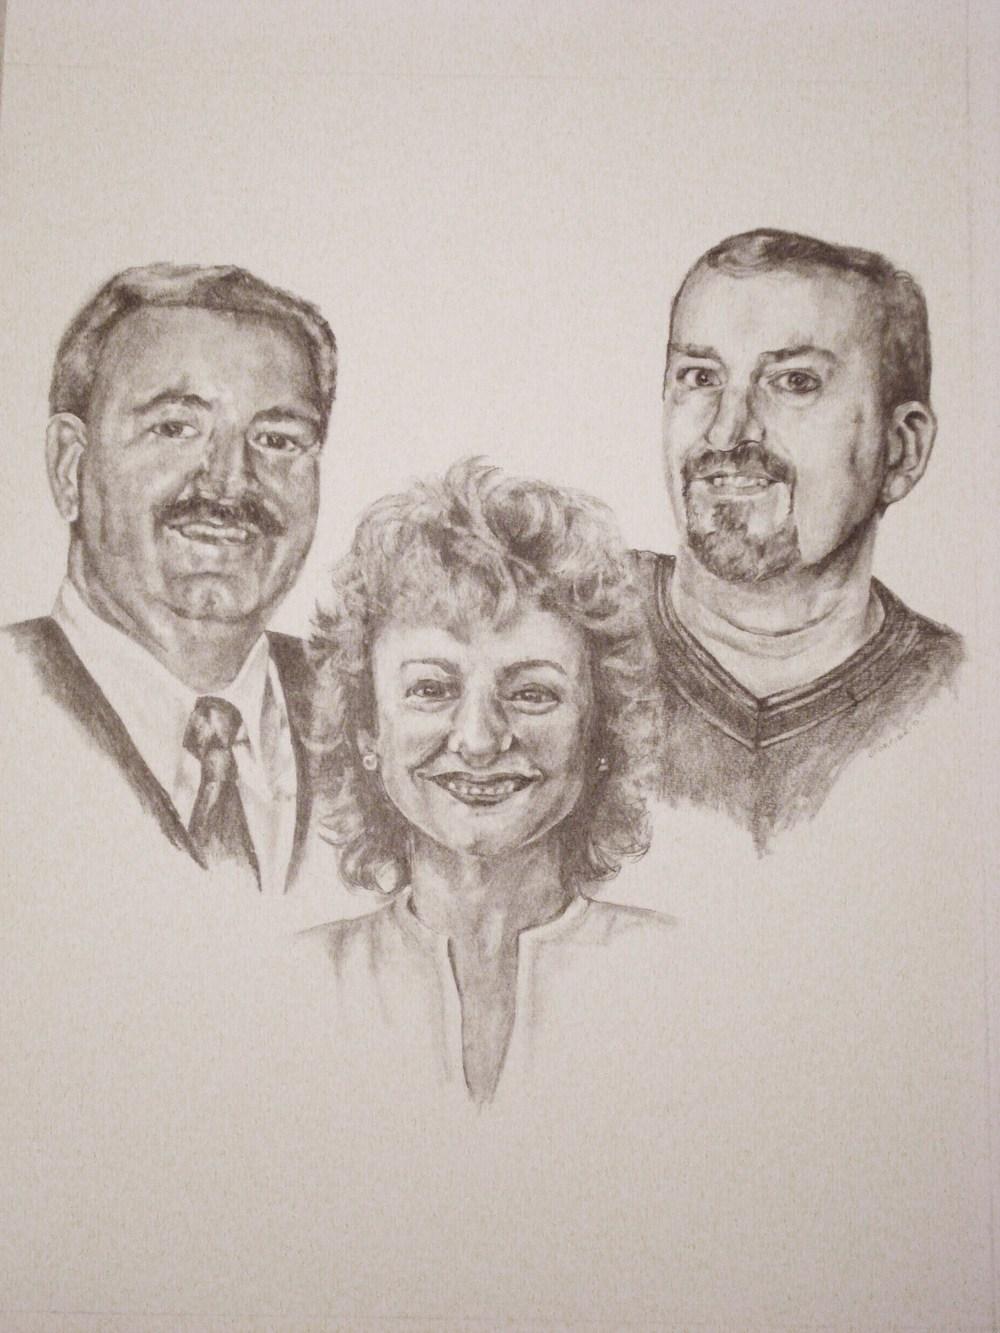 Ken, Debi, and Gary